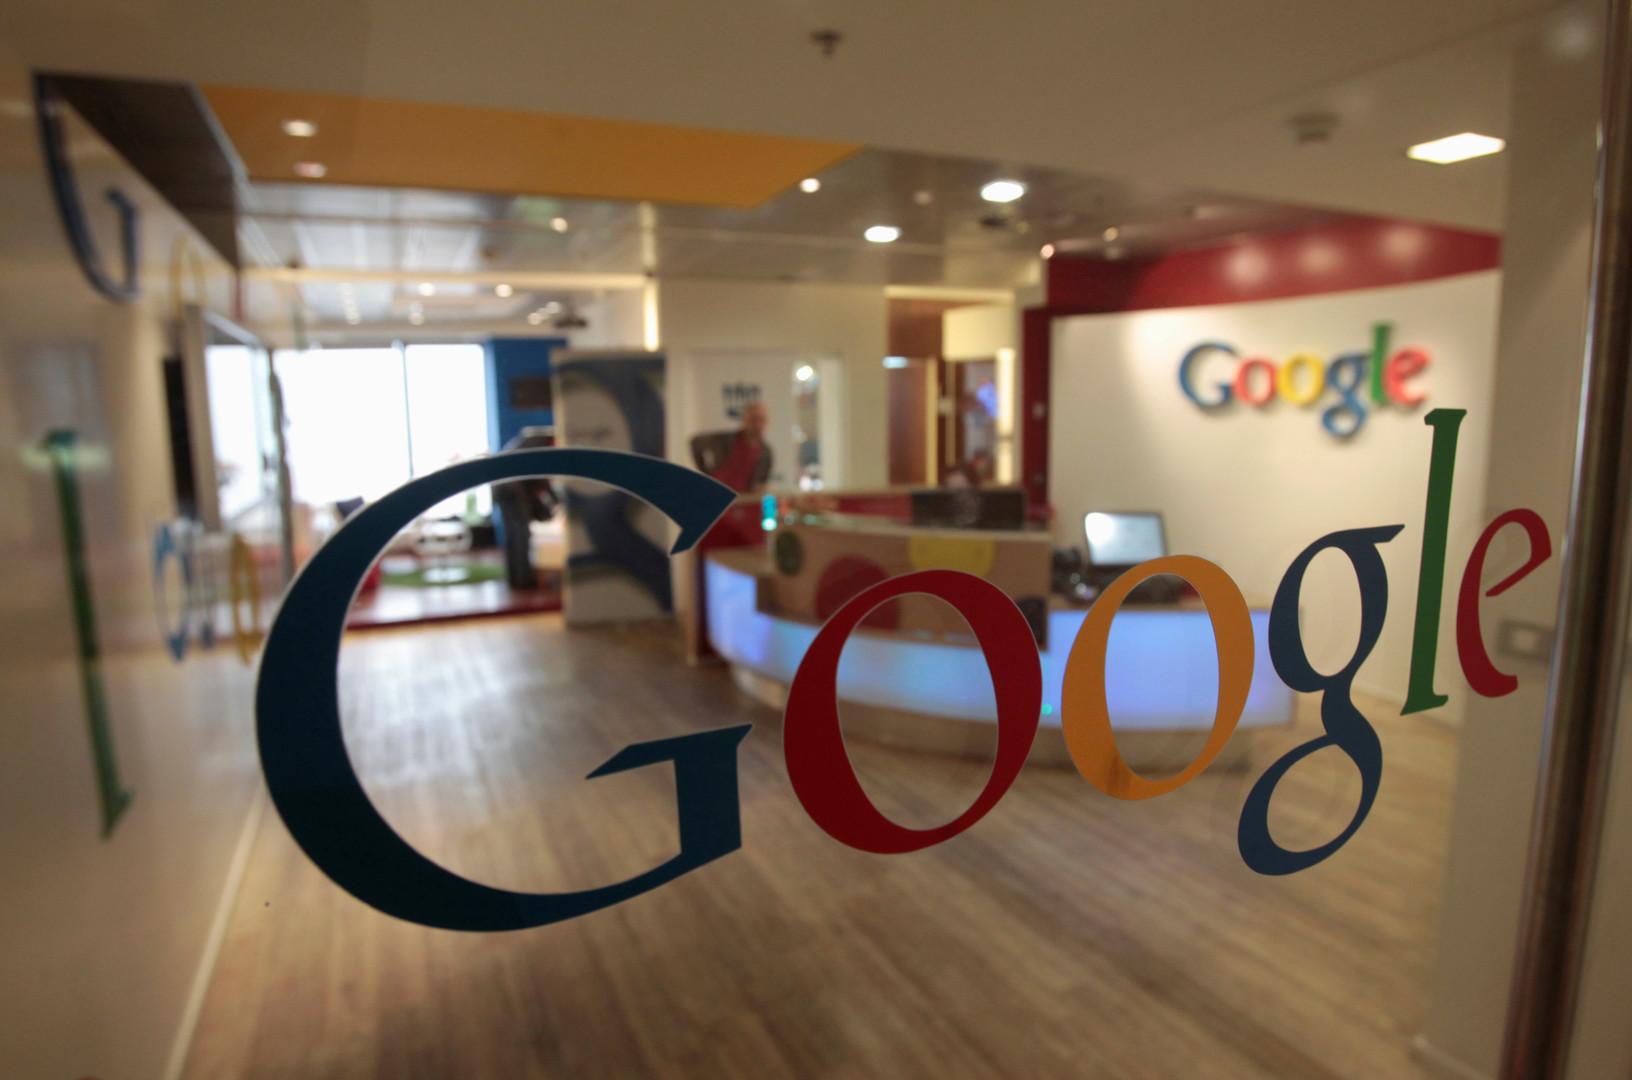 Пойми, если сможешь: Google Translate испортил китайцам стенды на выставке в России